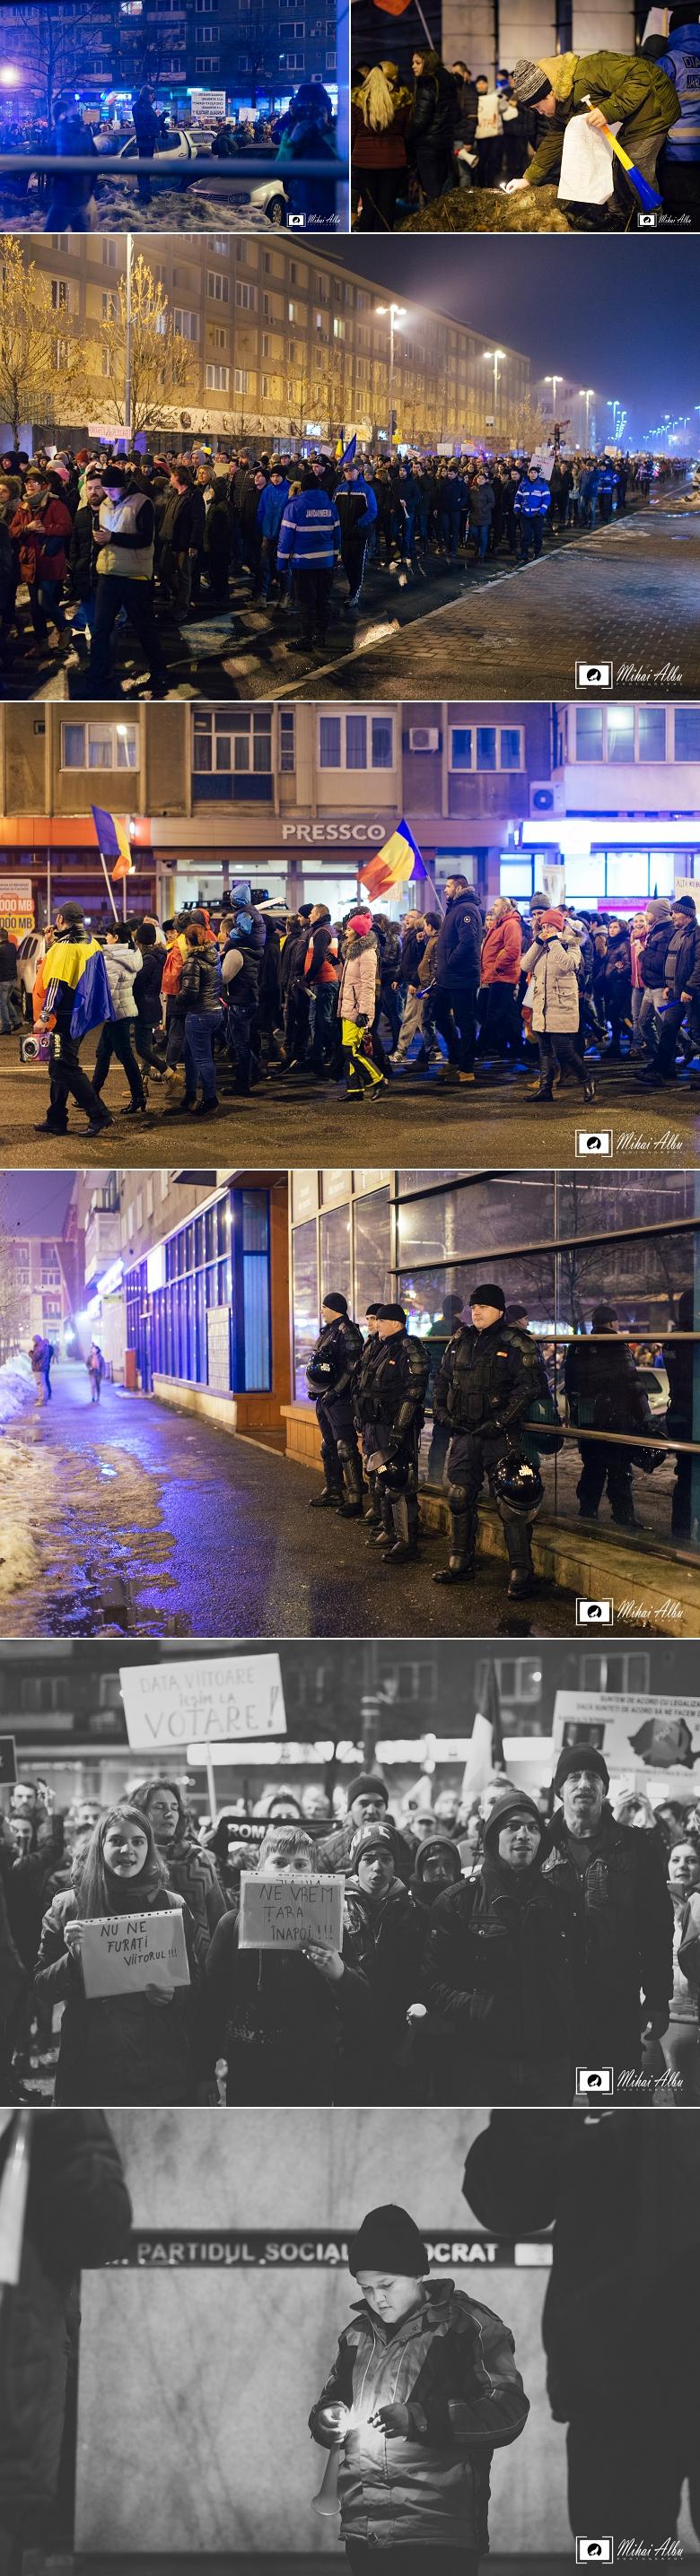 baia_mare_poze_proteste_baia_mare_revolutie_platoul_bucuresti_revolta 2